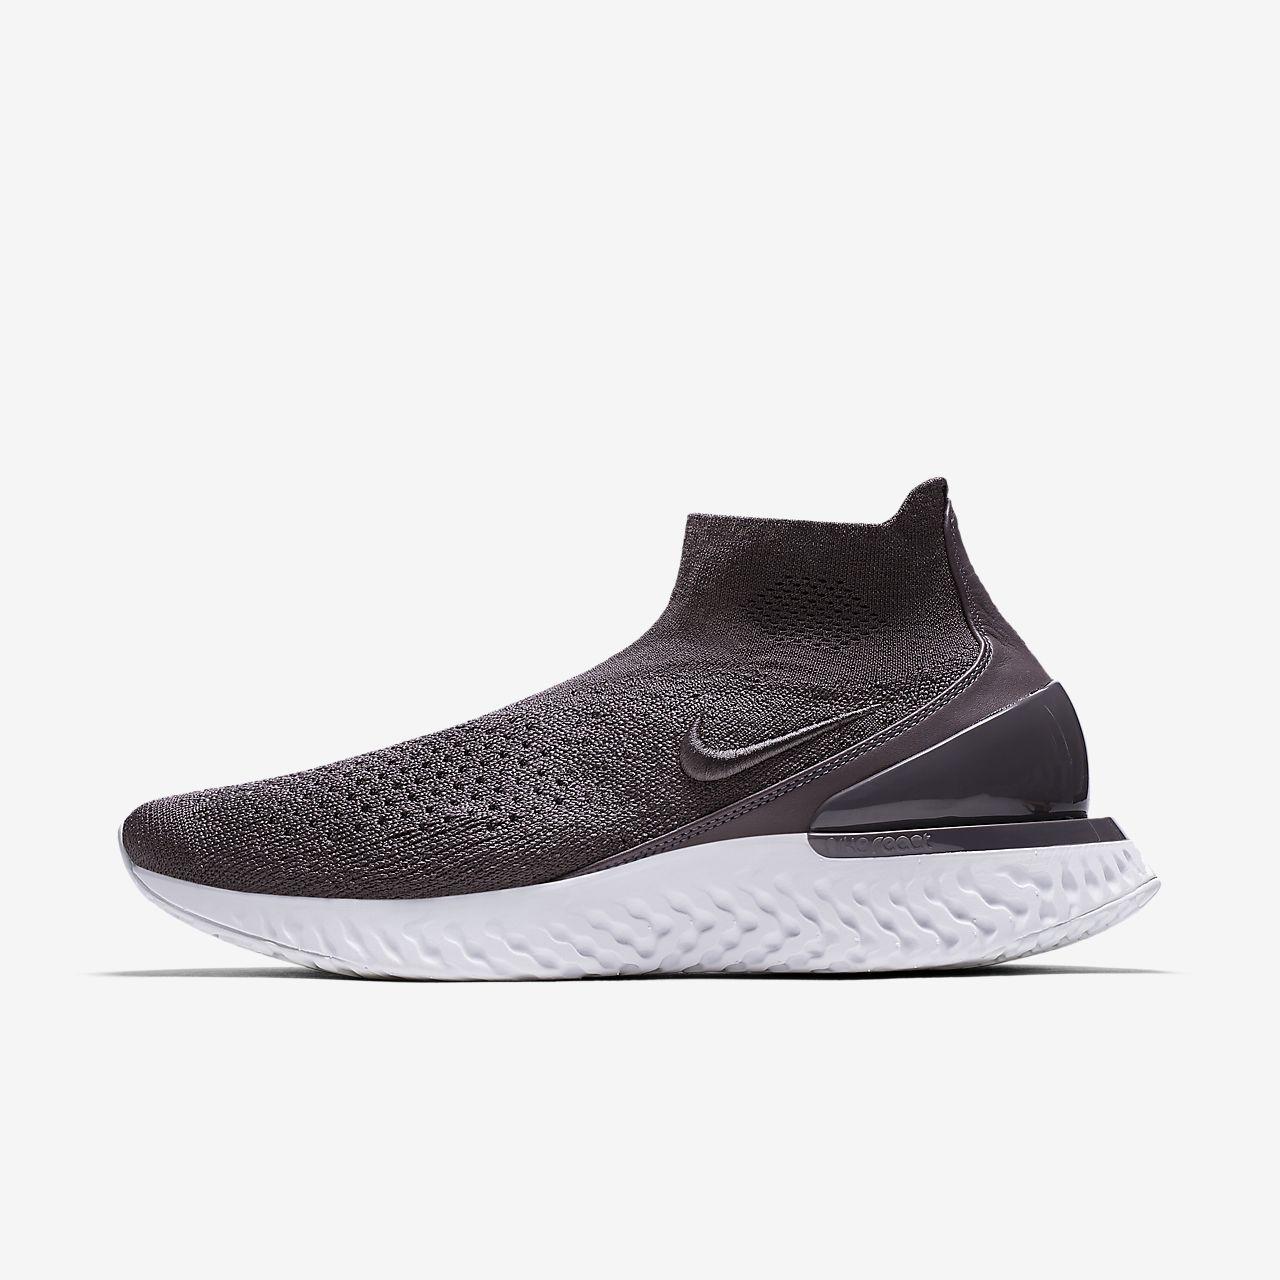 25cbc0b054ed4 Nike Rise React Flyknit Running Shoe. Nike.com GB